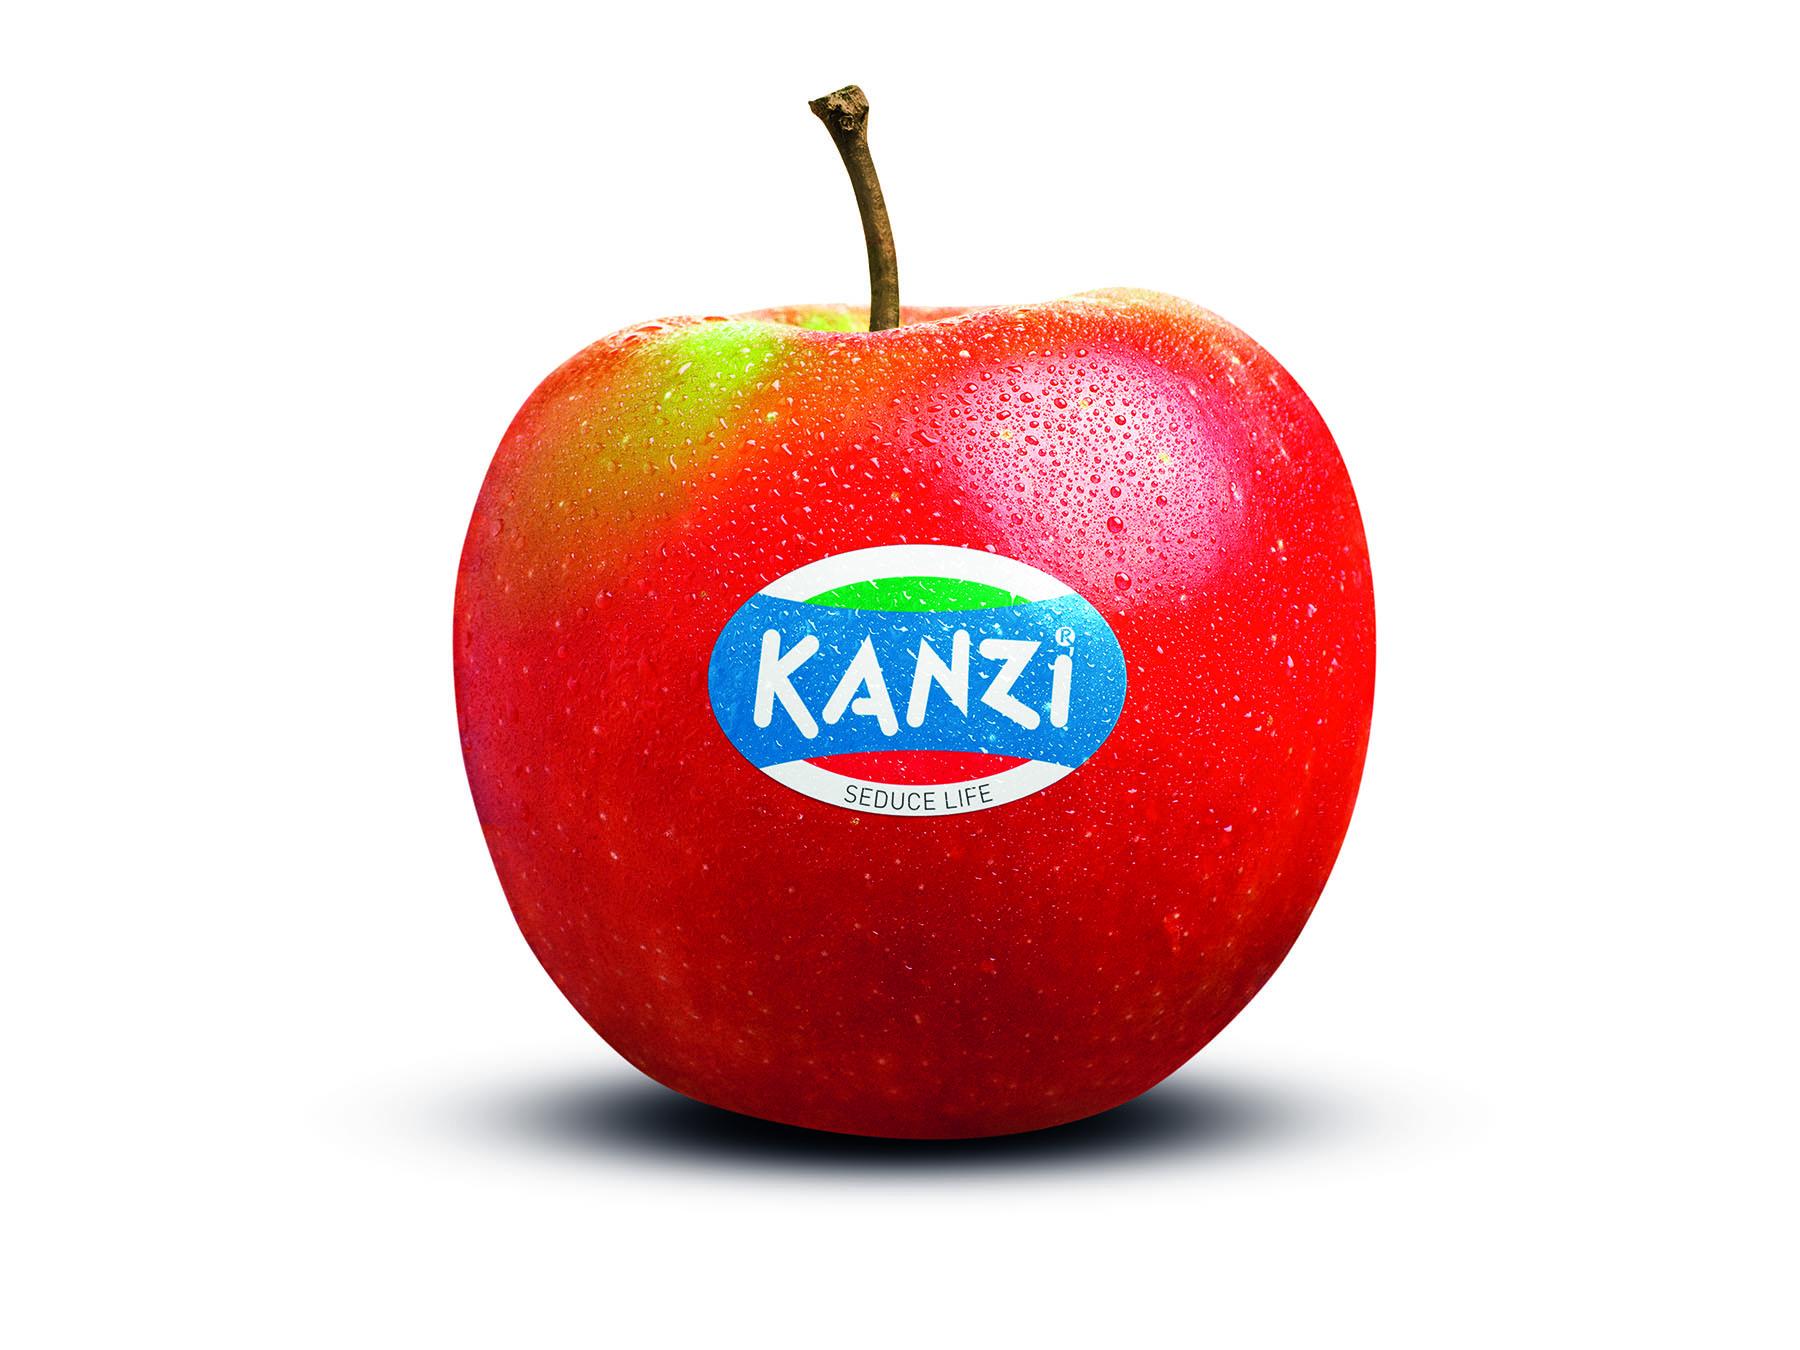 Energia naturale con la mela Kanzi®, per godersi al meglio la primavera